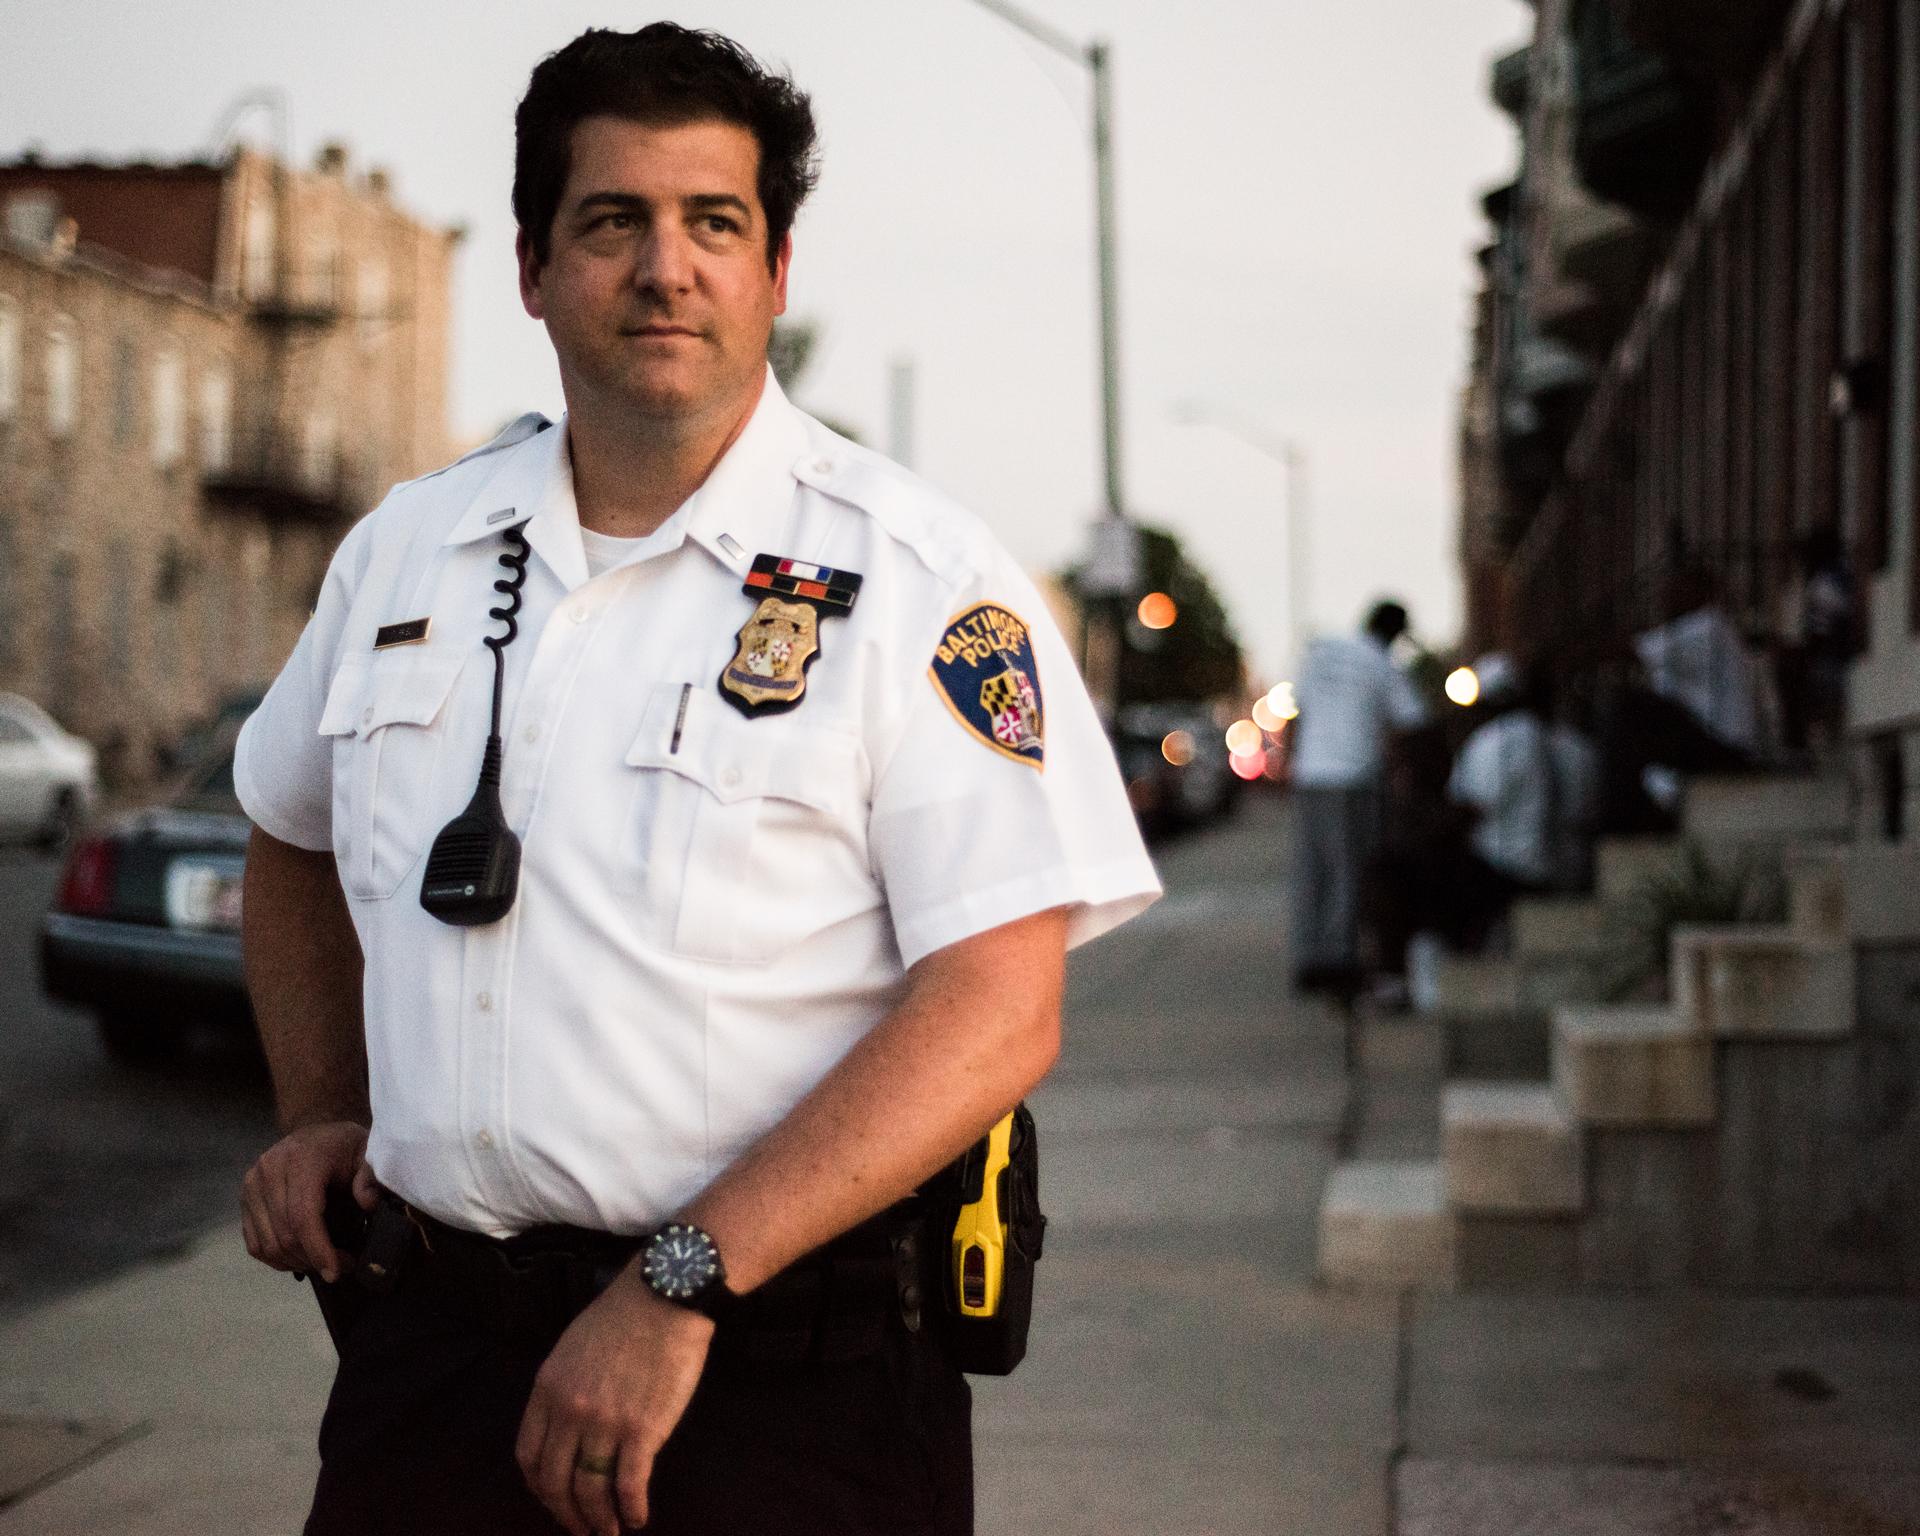 Lt. Ted Friel